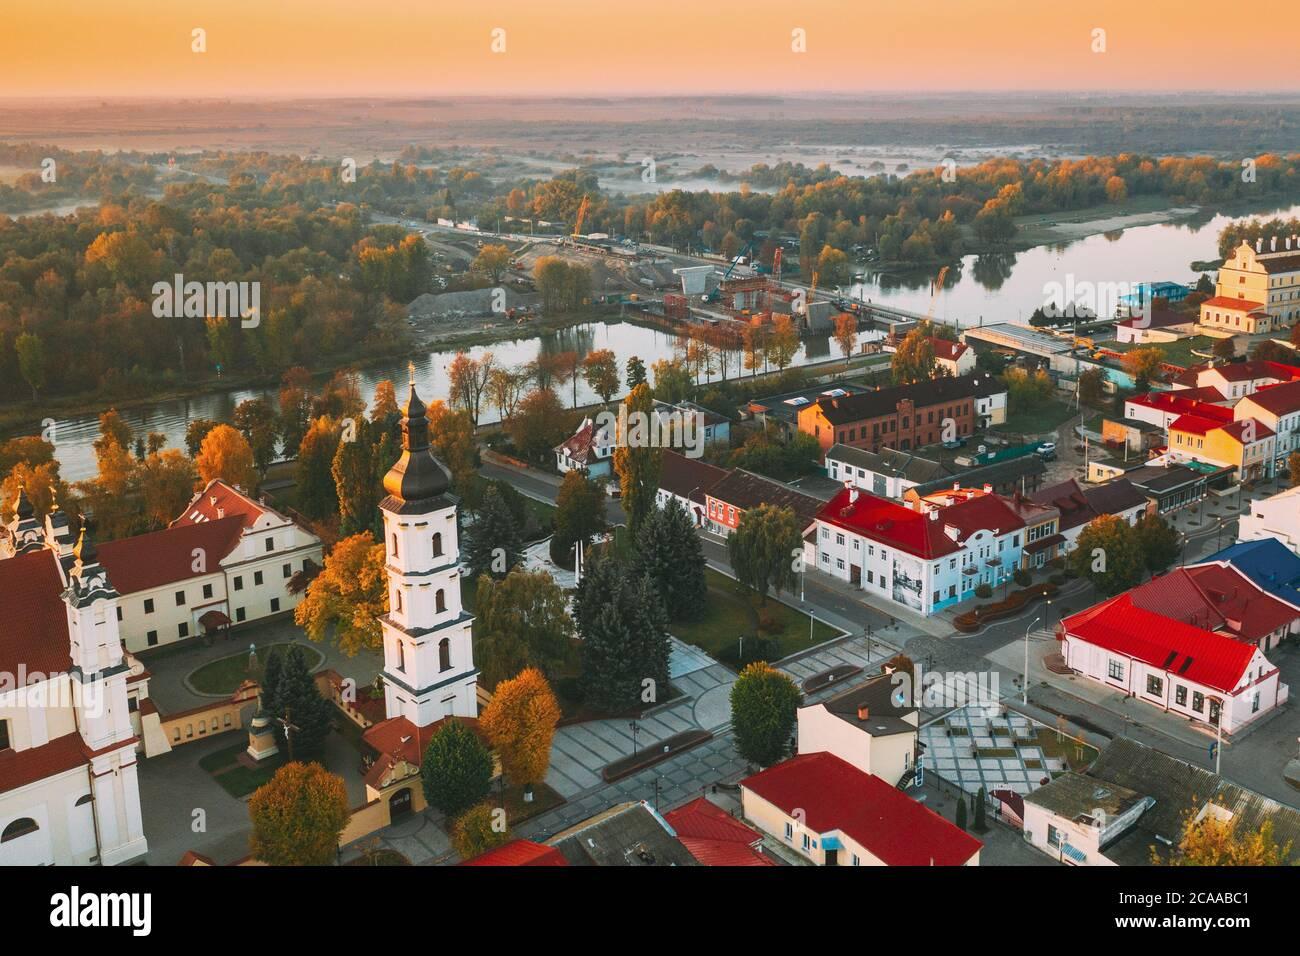 Pinsk, regione di Brest, Bielorussia. Paesaggio urbano di Pinsk Skyline In autunno la mattina. Vista panoramica del Duomo di nome della Beata Vergine Maria e il Monastero Foto Stock